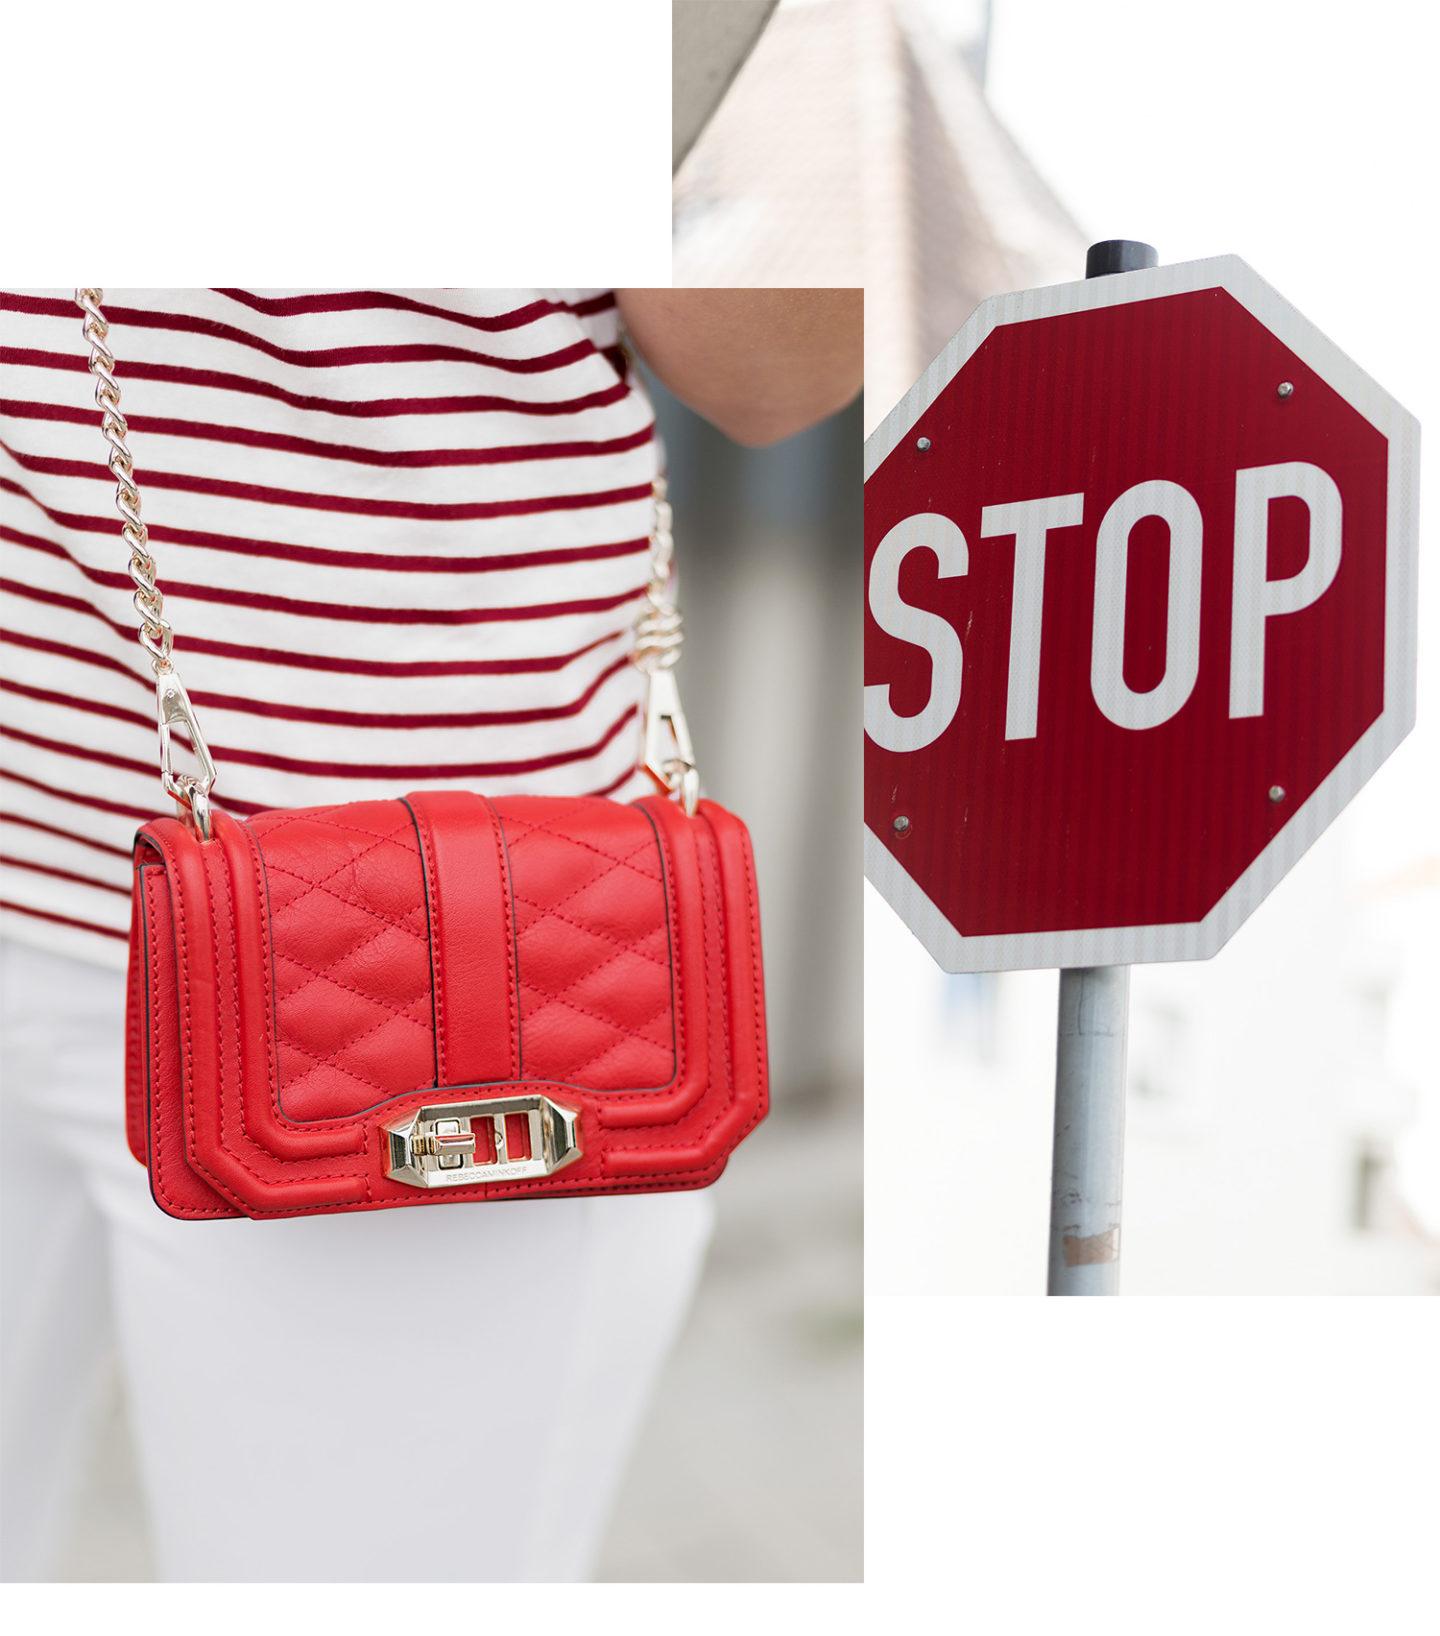 sommerliches-outfit-in-rot-und-weiß-gestreiftes-shirt-weiße-jeans-rote-rebecca-minkoff-tasche-streetstyle-bezauberndenana-4